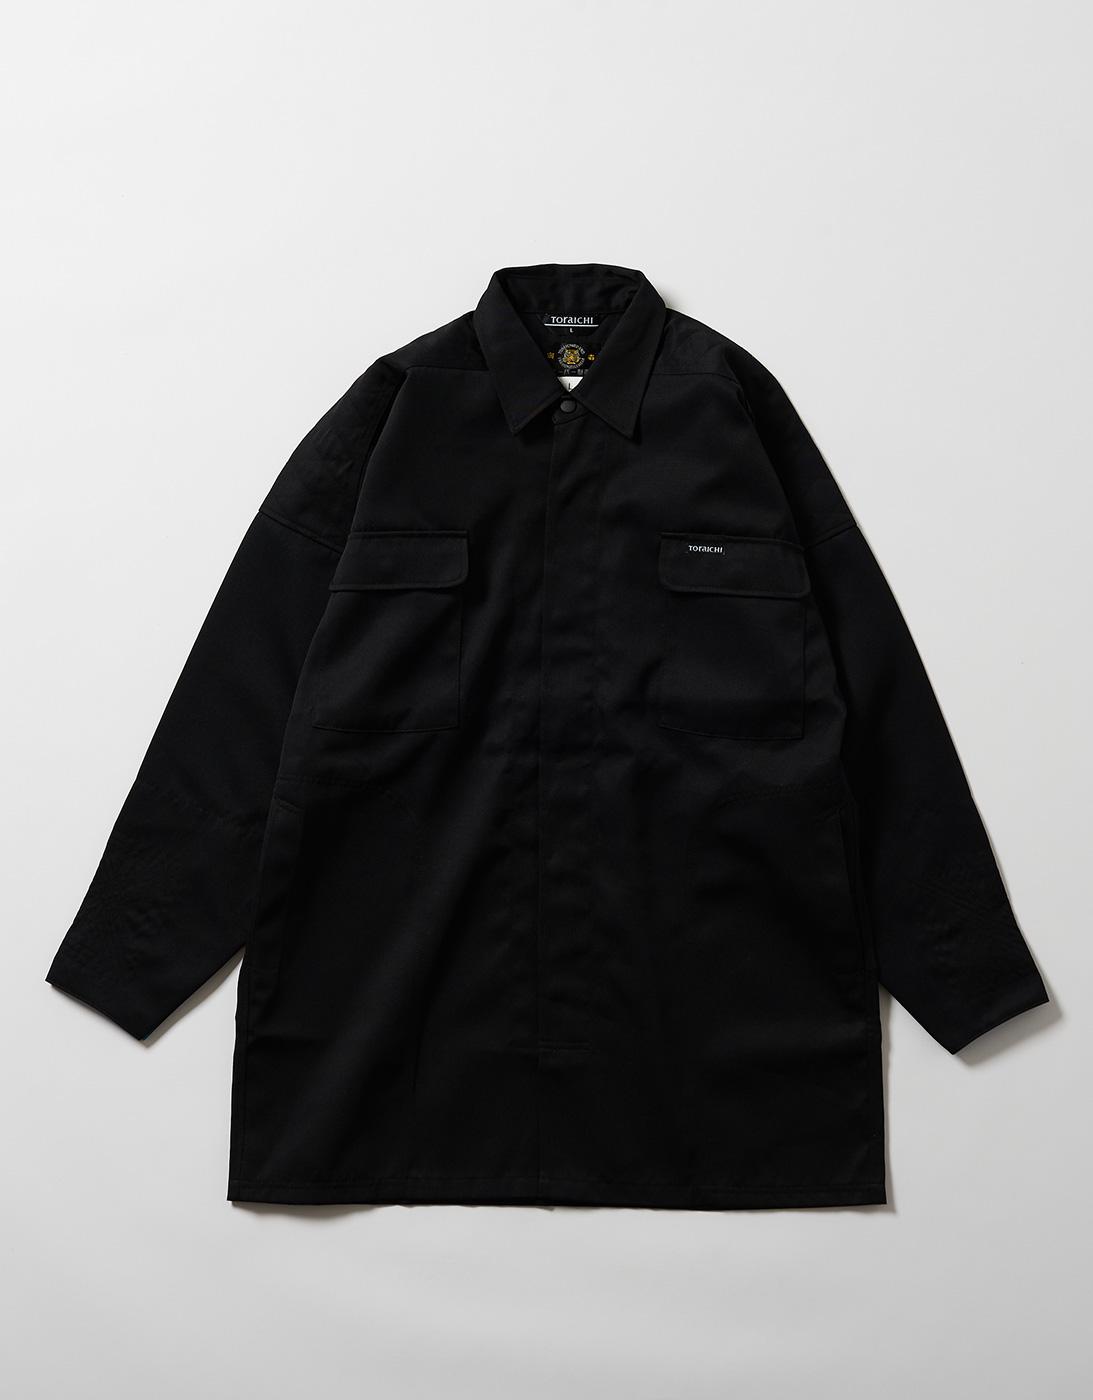 TOBI HEAVY SHIRTS 2530-711 BLACK